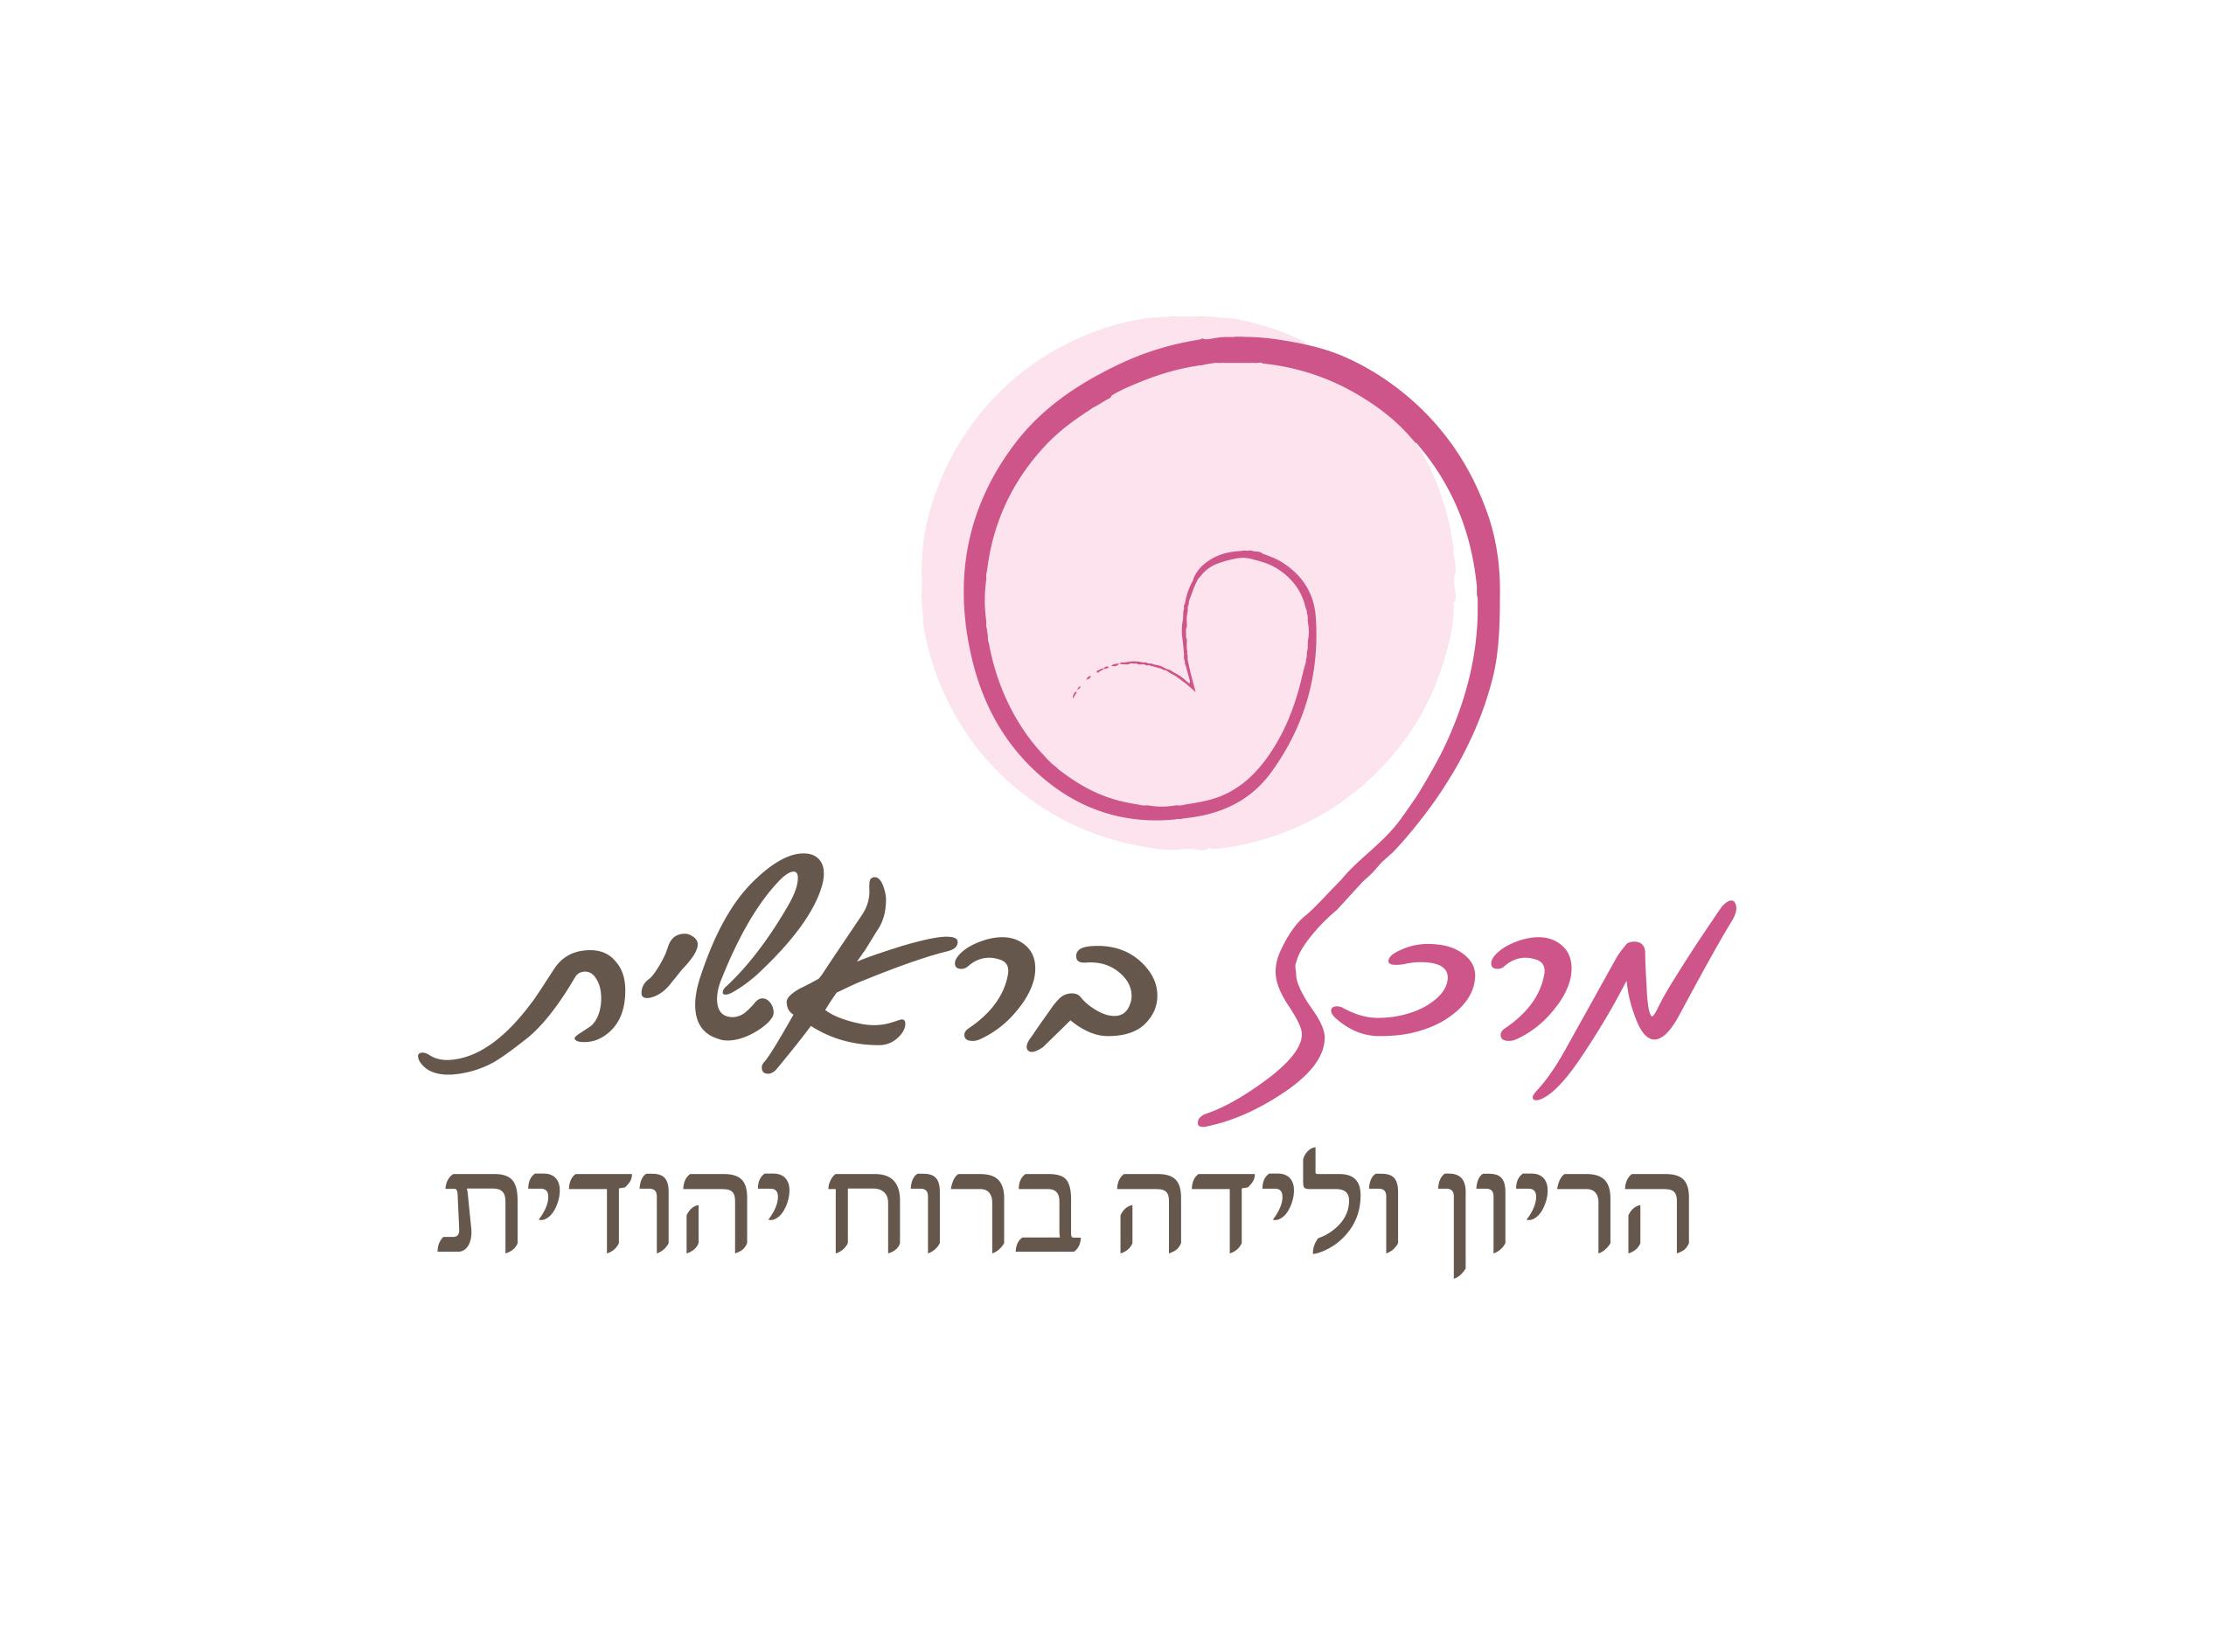 עיצוב לוגו מותאם אישית